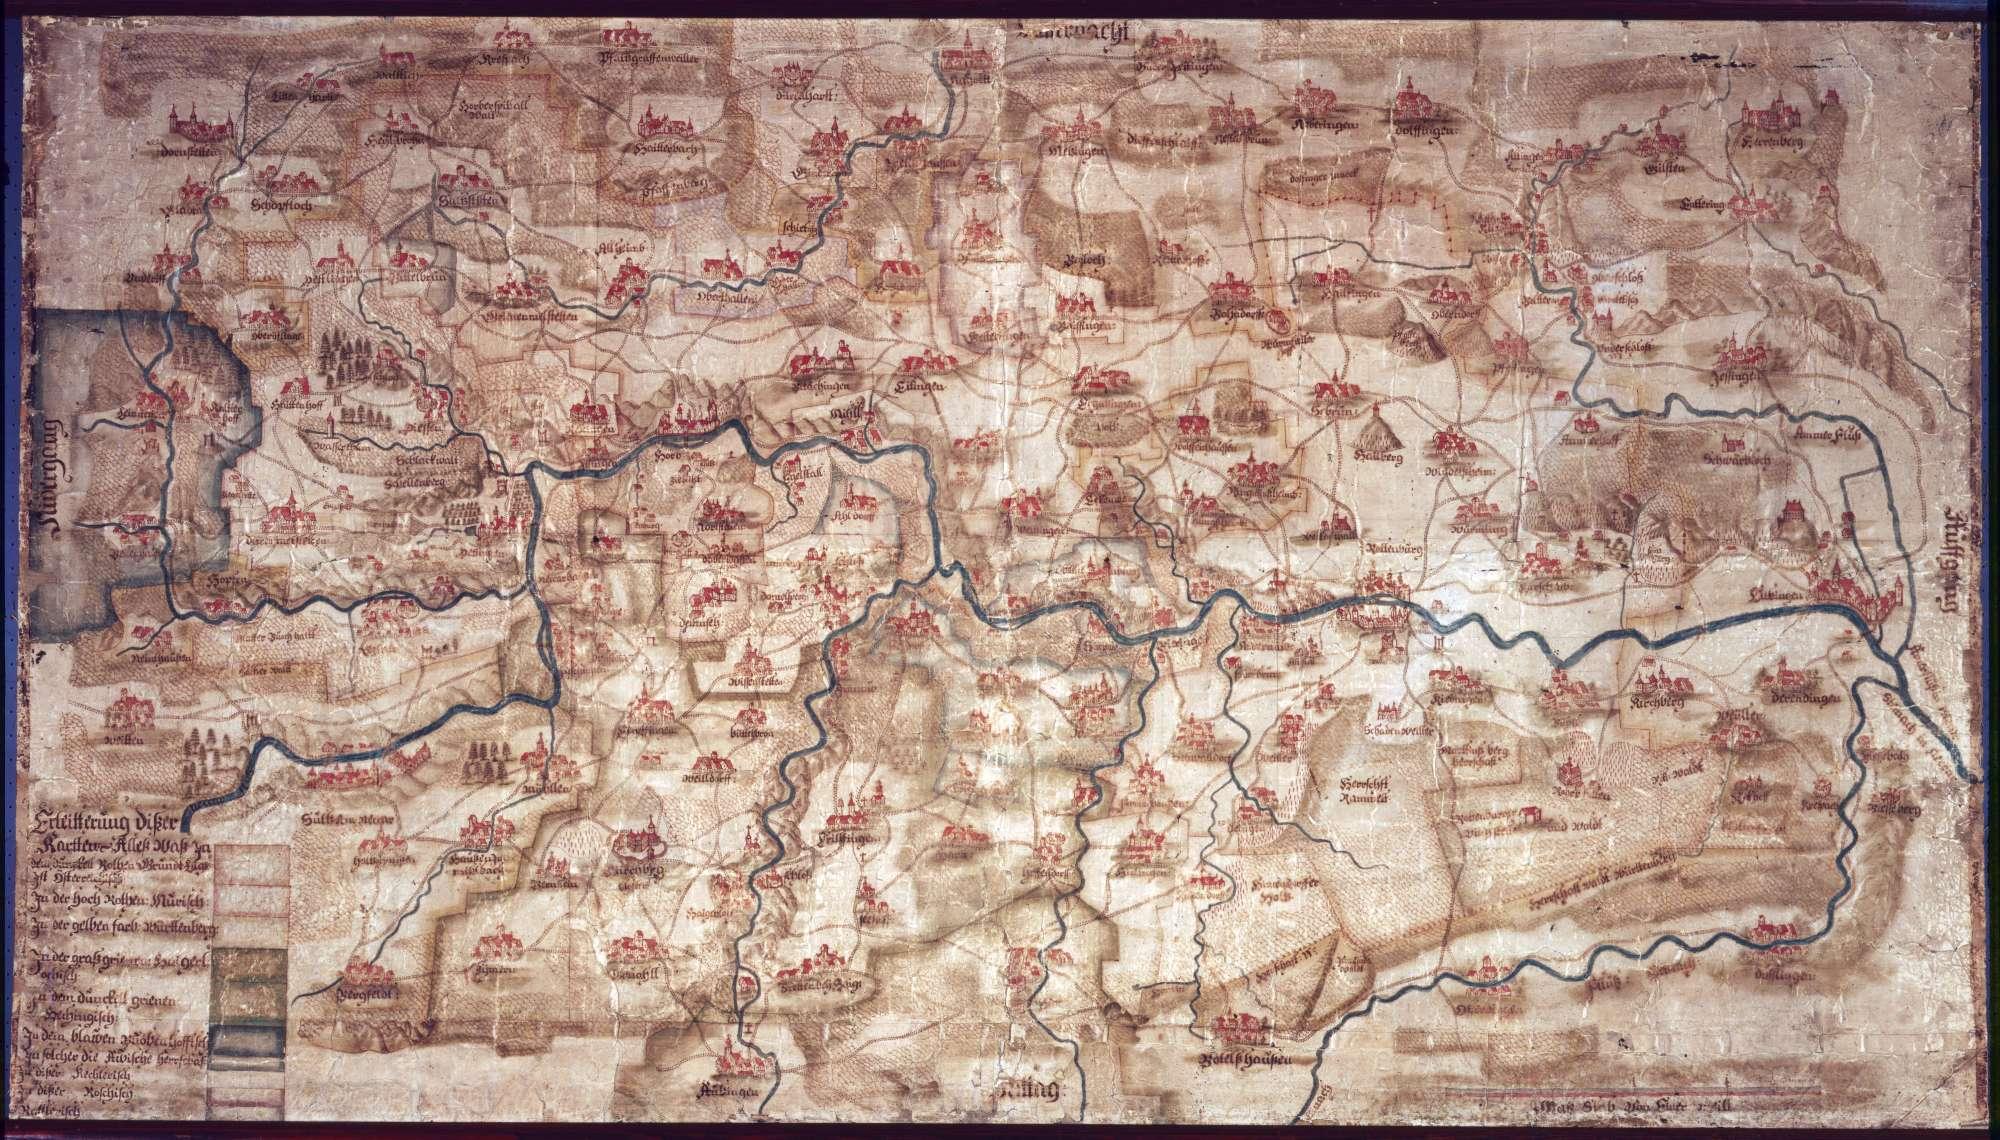 Karte über die einzelnen Herrschaftsgebiete im Bereich von Nagold im Norden, Tübingen im Osten, Owingen im Süden und Leinstetten im Westen, Bild 1